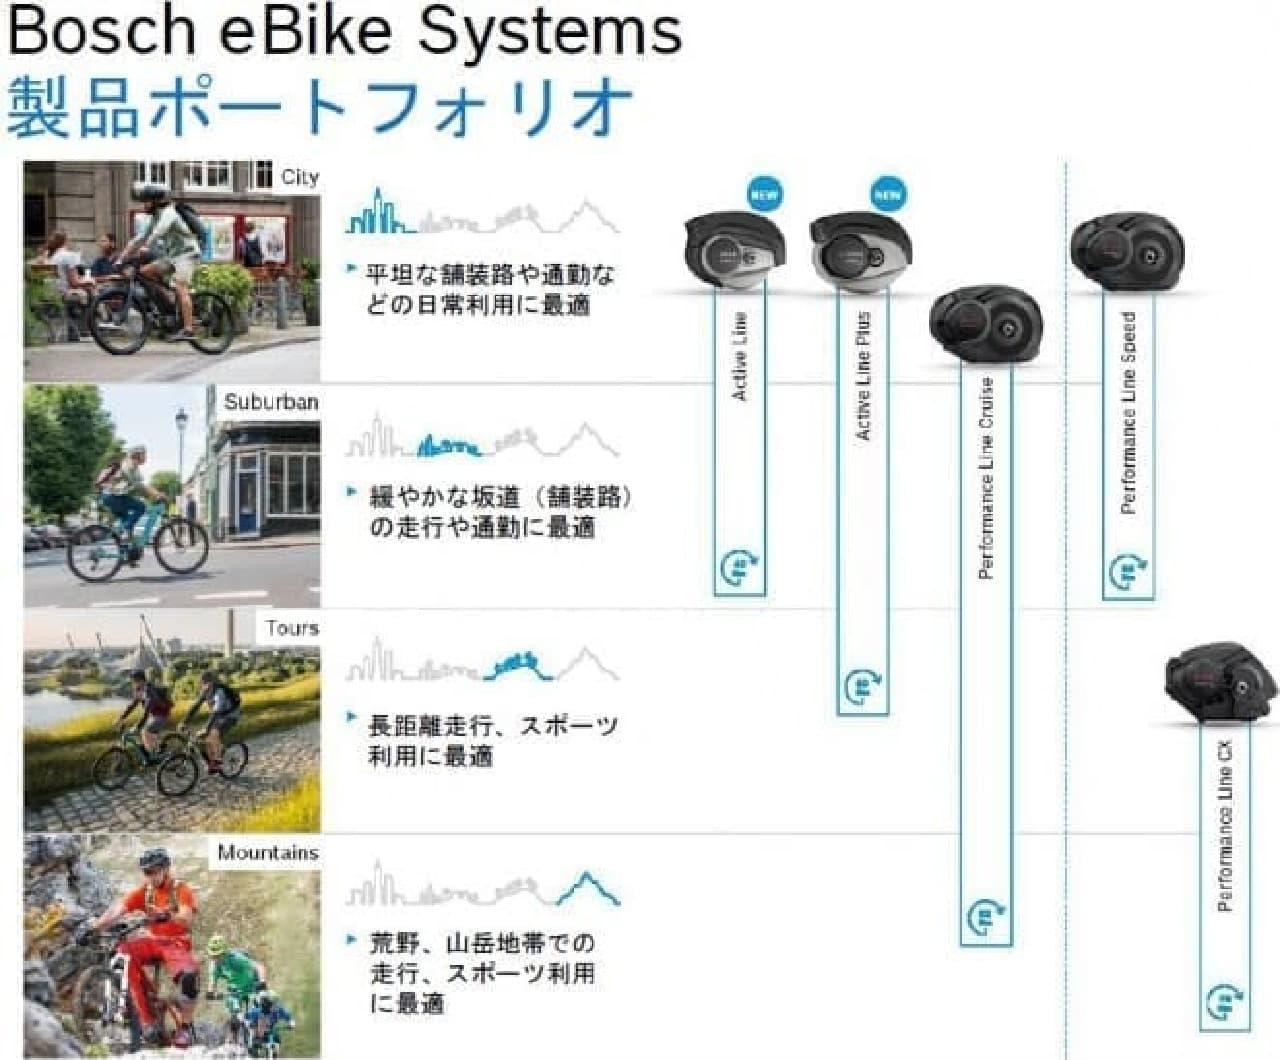 ボッシュの日本向けユニット「Active Line Plus」